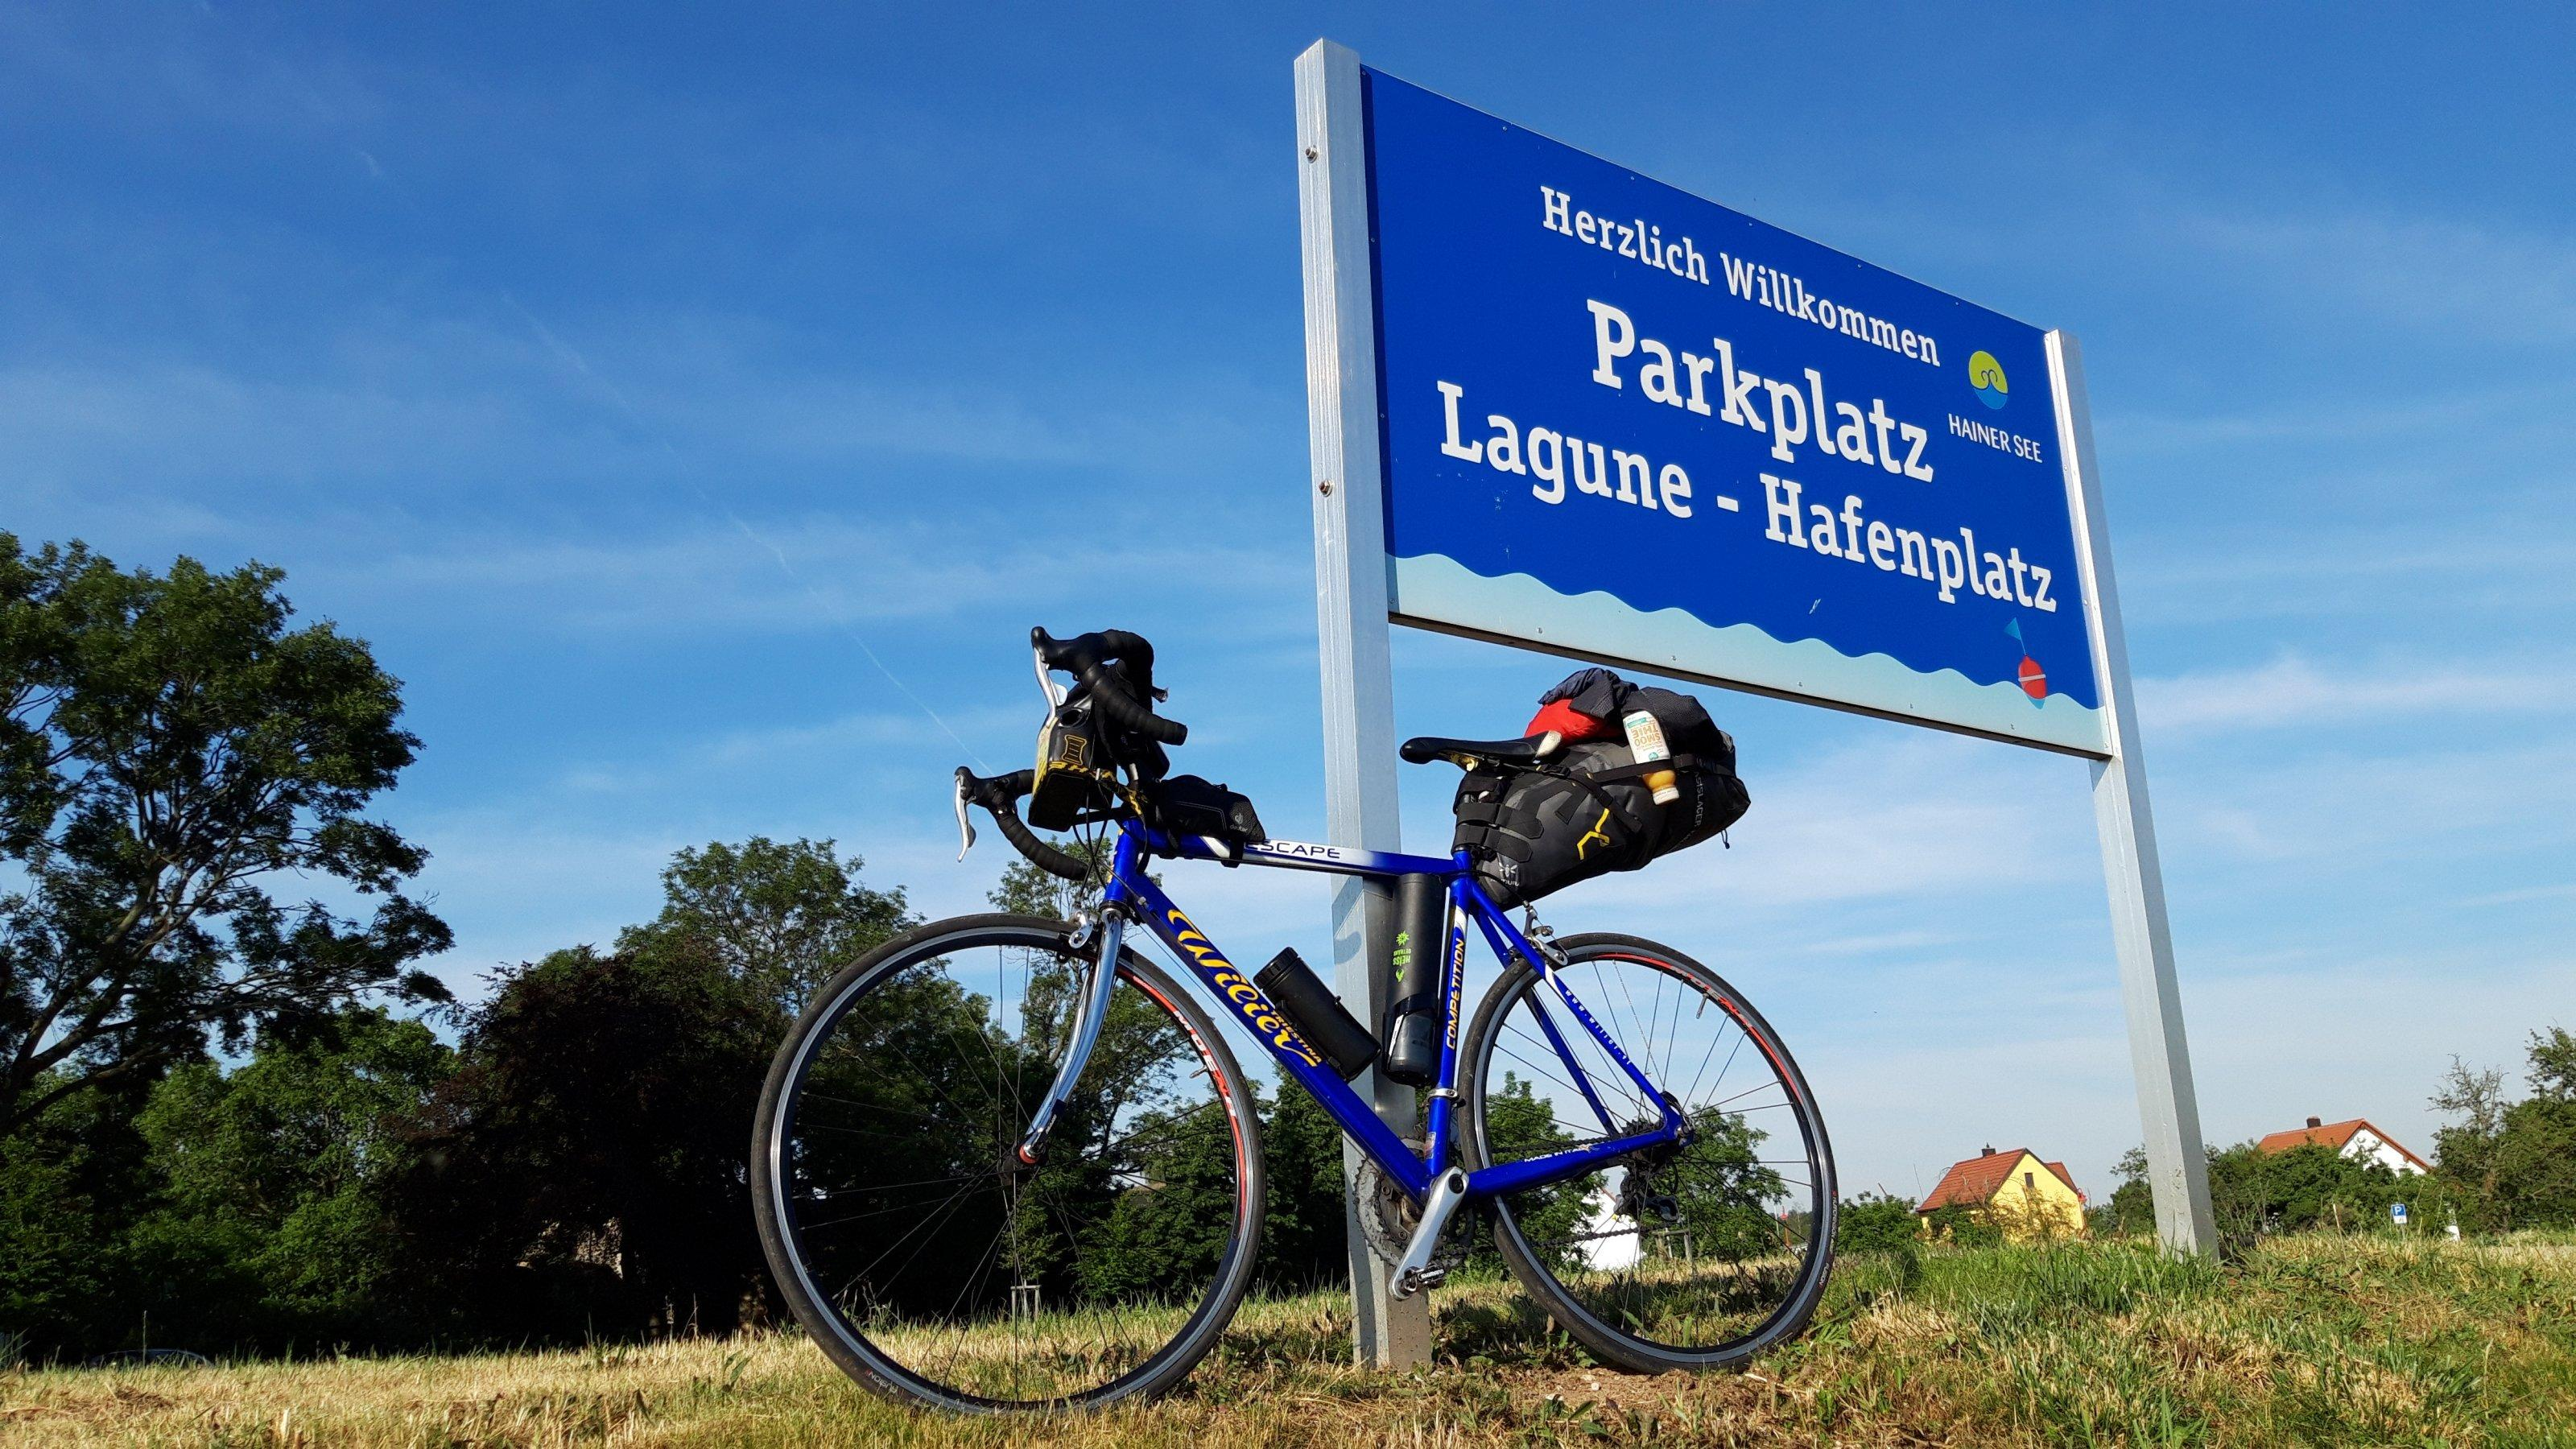 Das Rad lehnt an einem Schild mit der Aufrschrift Parkplatz Lagune – Hafenplatz Hainer See.